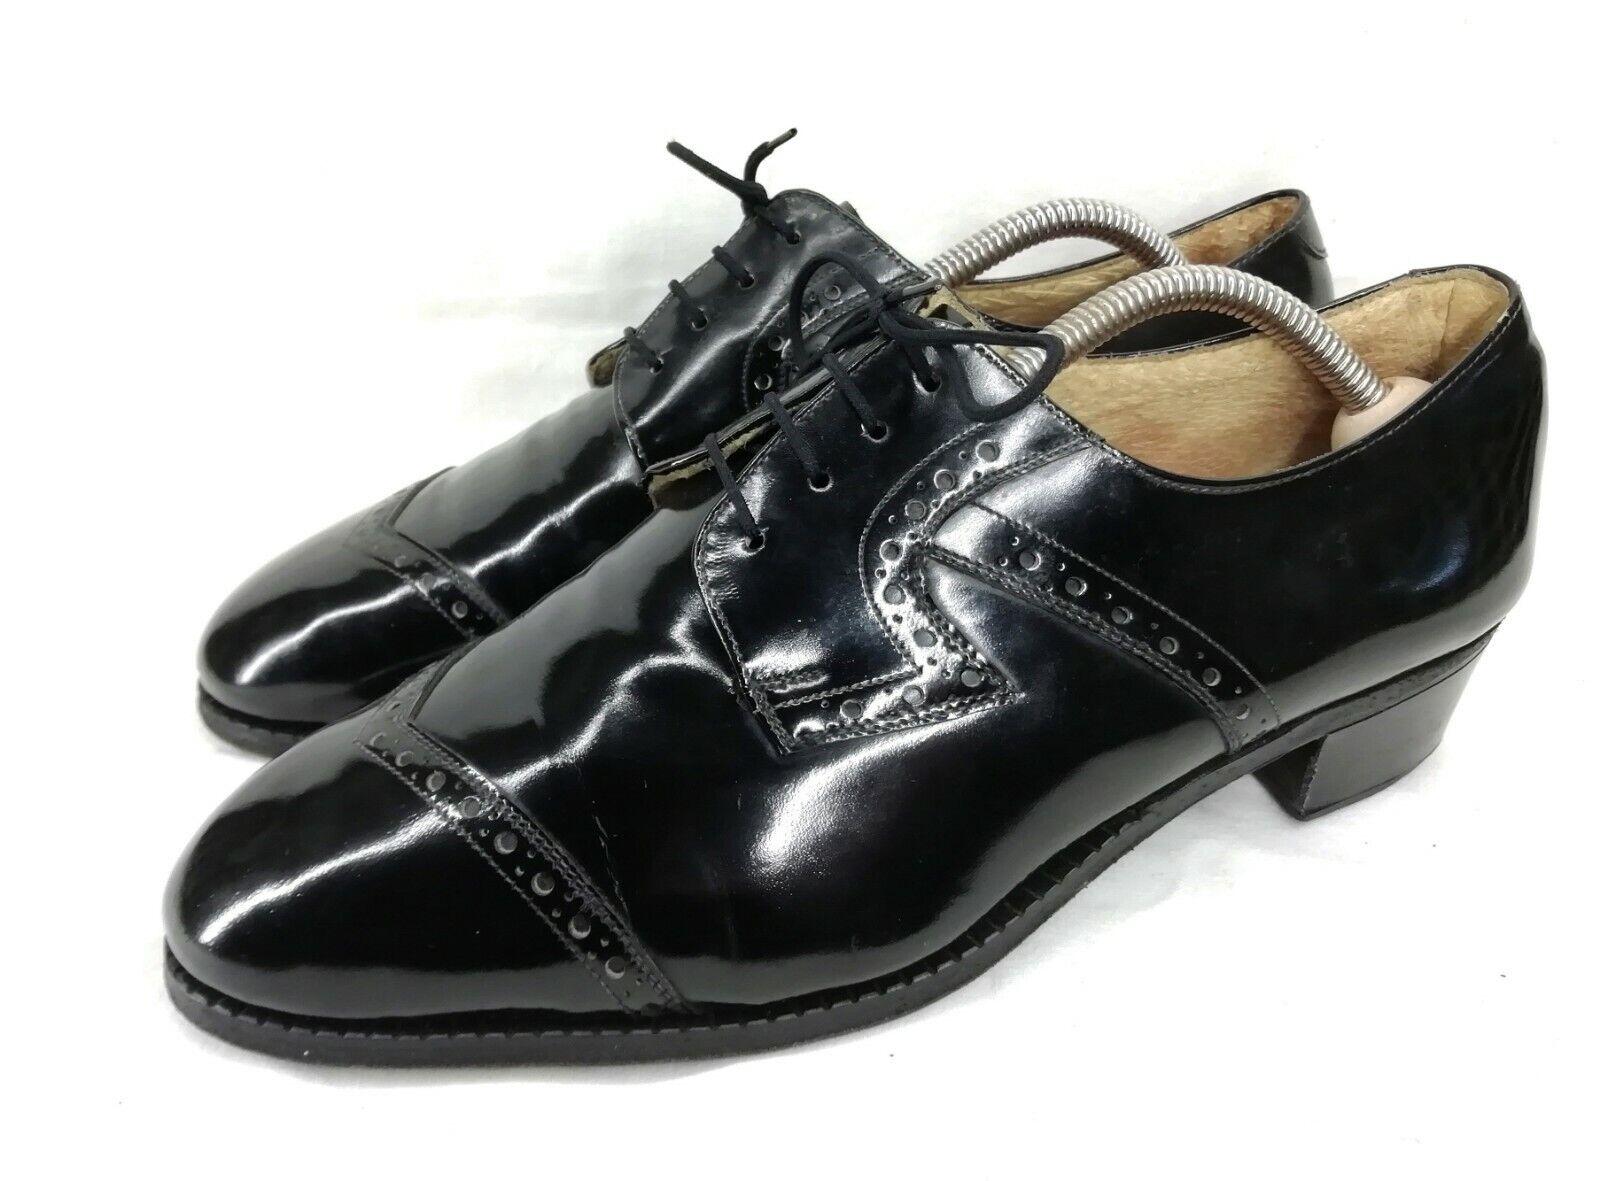 ALTE Ungarische Schnürschuhe Herrenschuhe Schwarz Lackleder Hoher Absatz 41,5 42    | Schnelle Lieferung